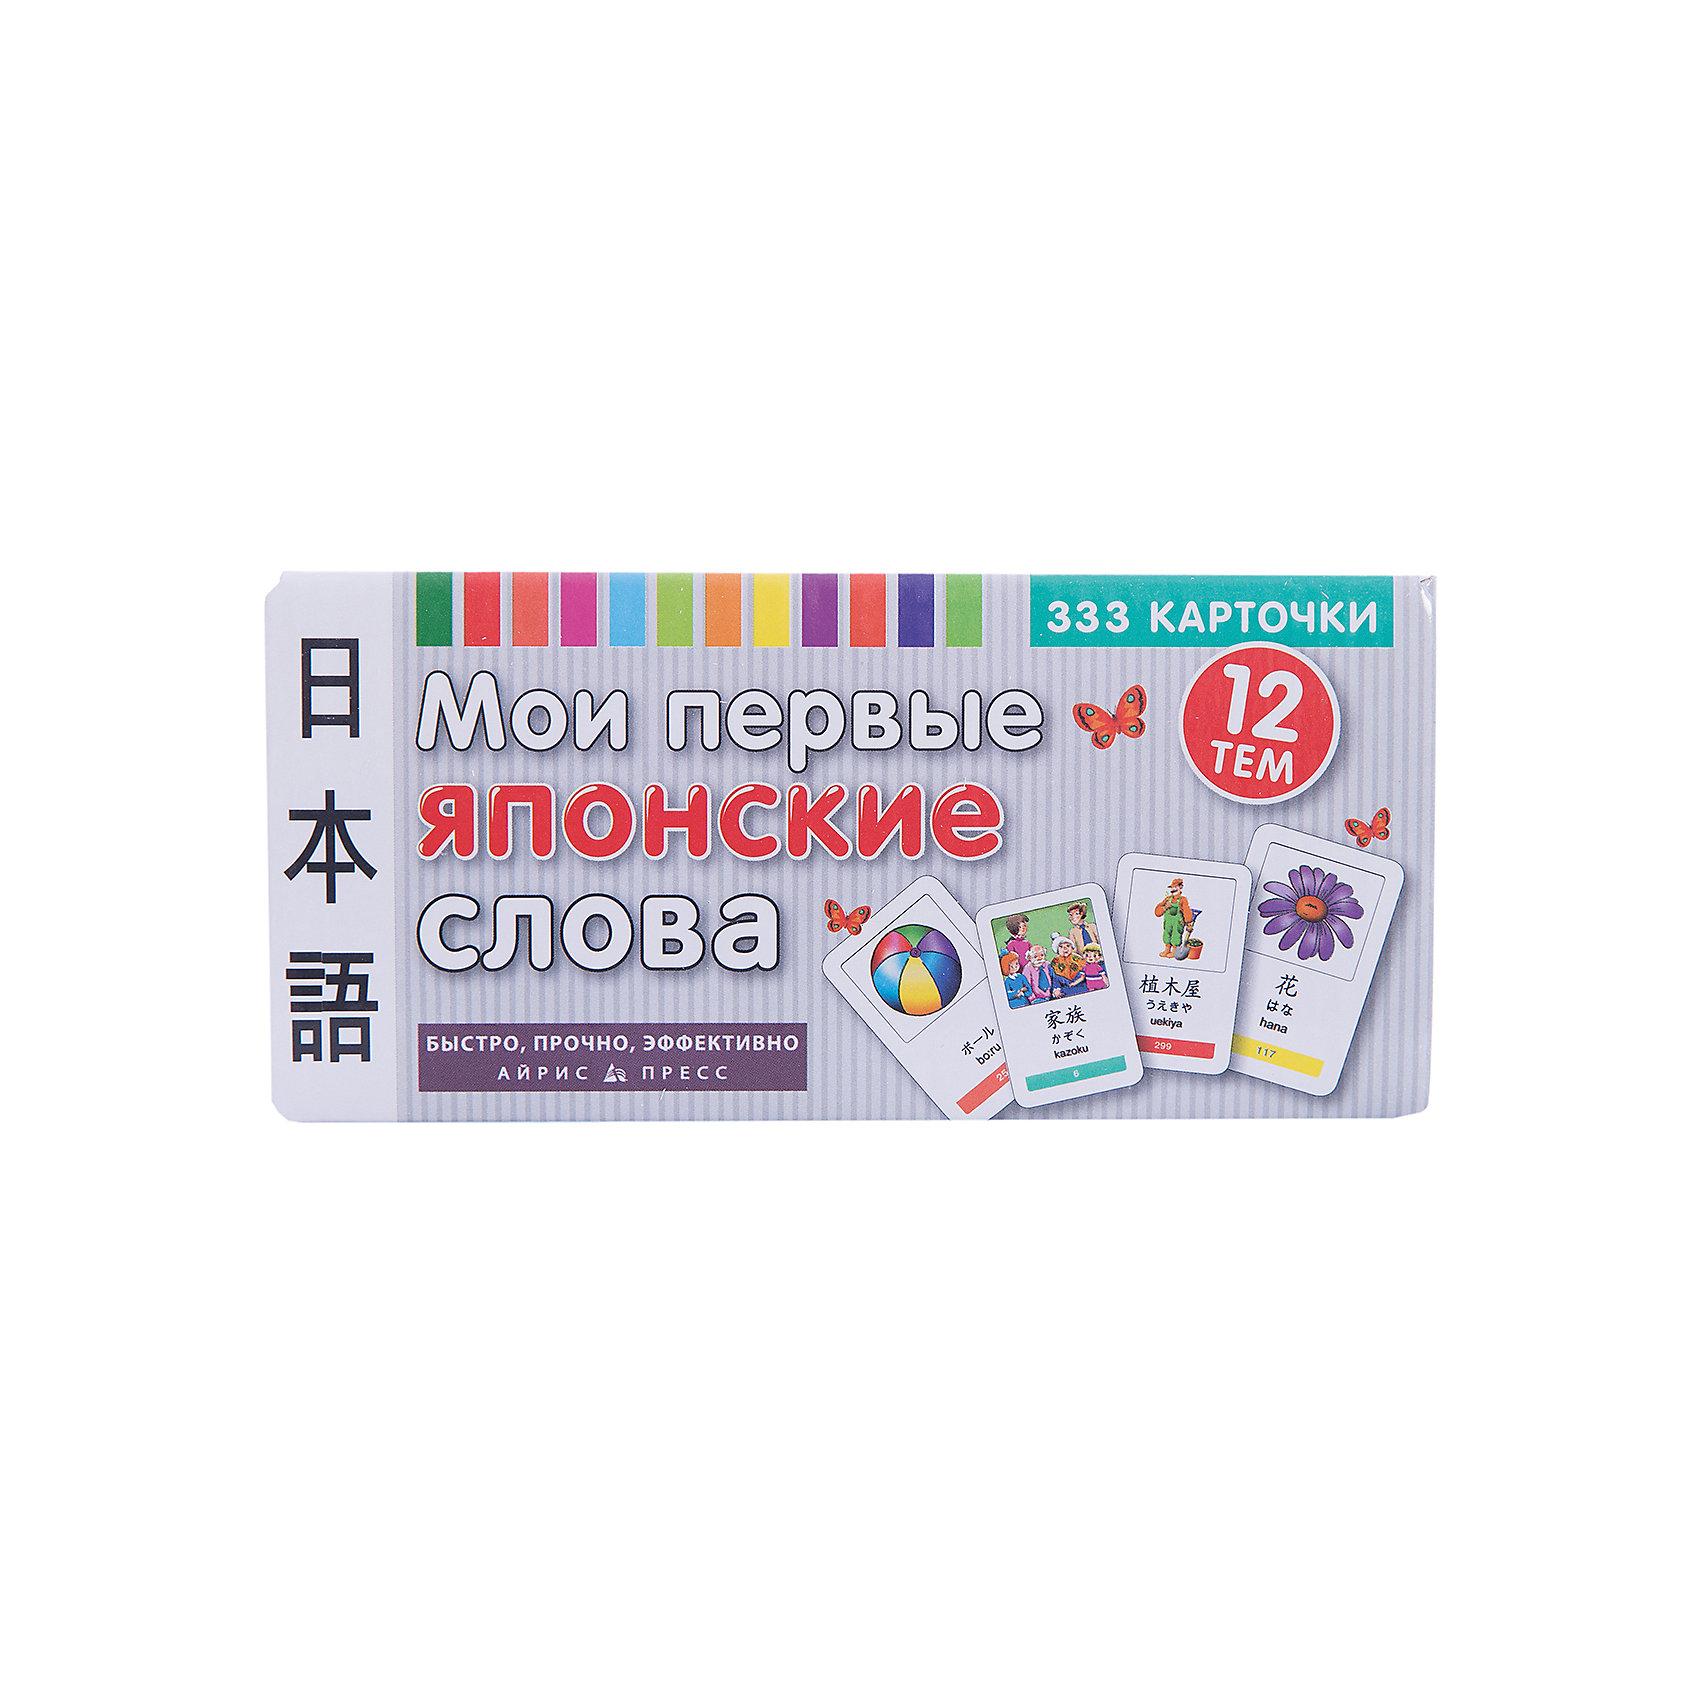 333 карточки для запоминания Мои первые японские словаИностранный язык<br>Характеристики товара:<br><br>• возраст: от 7 лет<br>• комплектация: 333 картонные карточки<br>• производитель: Айрис-пресс<br>• серия: Тематические карточки<br>• размер карточки: 4,5х7 см.<br>• иллюстрации: черно-белые, цветные<br>• размер упаковки: 7,5х15,5х4,8 см.<br>• вес: 224 гр.<br><br>Комплект карточек предназначен для начинающих изучать японский язык.<br><br>На карточках размещены наиболее употребляемые японские слова, записанные иероглифами и слоговой азбукой каной, относящиеся к базовой лексике. Все слова разделены на тематические блоки (12 тем), сопровождаются занимательными иллюстрациями и транскрипцией (ромадзи).<br><br>Предлагаемая методика запоминания основана на связи японского и русского слова через картинку. Это позволяет выучить быстро и эффективно большое количество новых слов.<br><br>Предусмотрена возможность самостоятельного создания дополнительных карточек с использованием имеющихся в комплекте заготовок.<br><br>333 карточки для запоминания Мои первые японские слова можно купить в нашем интернет-магазине.<br><br>Ширина мм: 48<br>Глубина мм: 157<br>Высота мм: 75<br>Вес г: 236<br>Возраст от месяцев: -2147483648<br>Возраст до месяцев: 2147483647<br>Пол: Унисекс<br>Возраст: Детский<br>SKU: 6849641